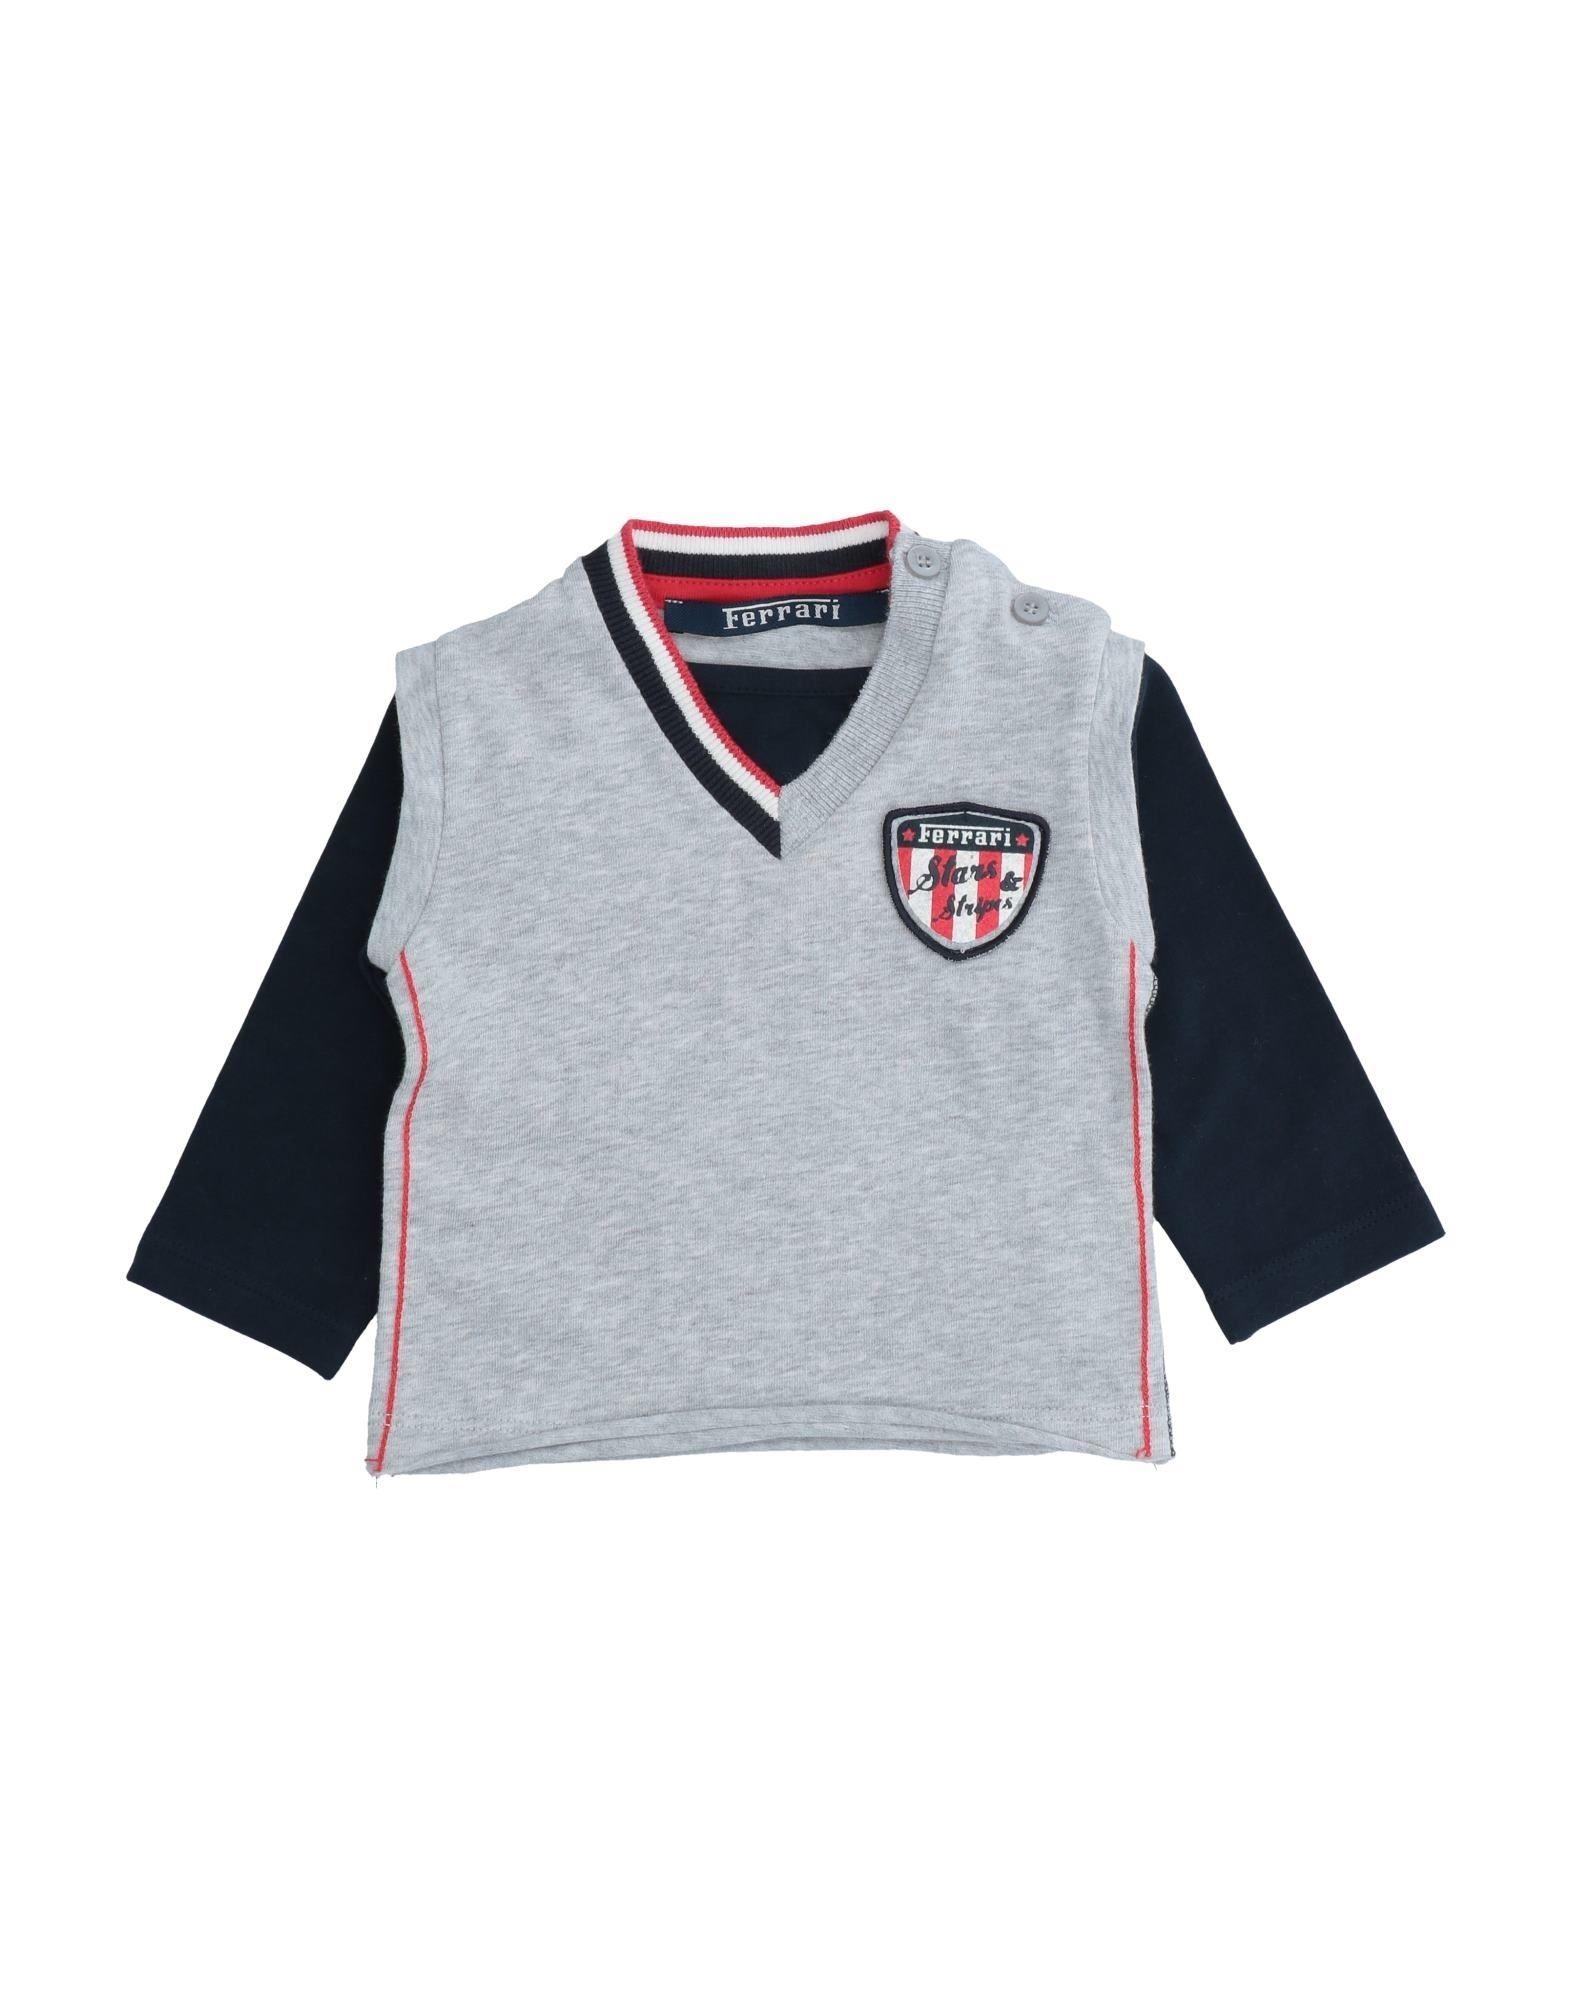 Ferrari Kids' T-shirts In Gray